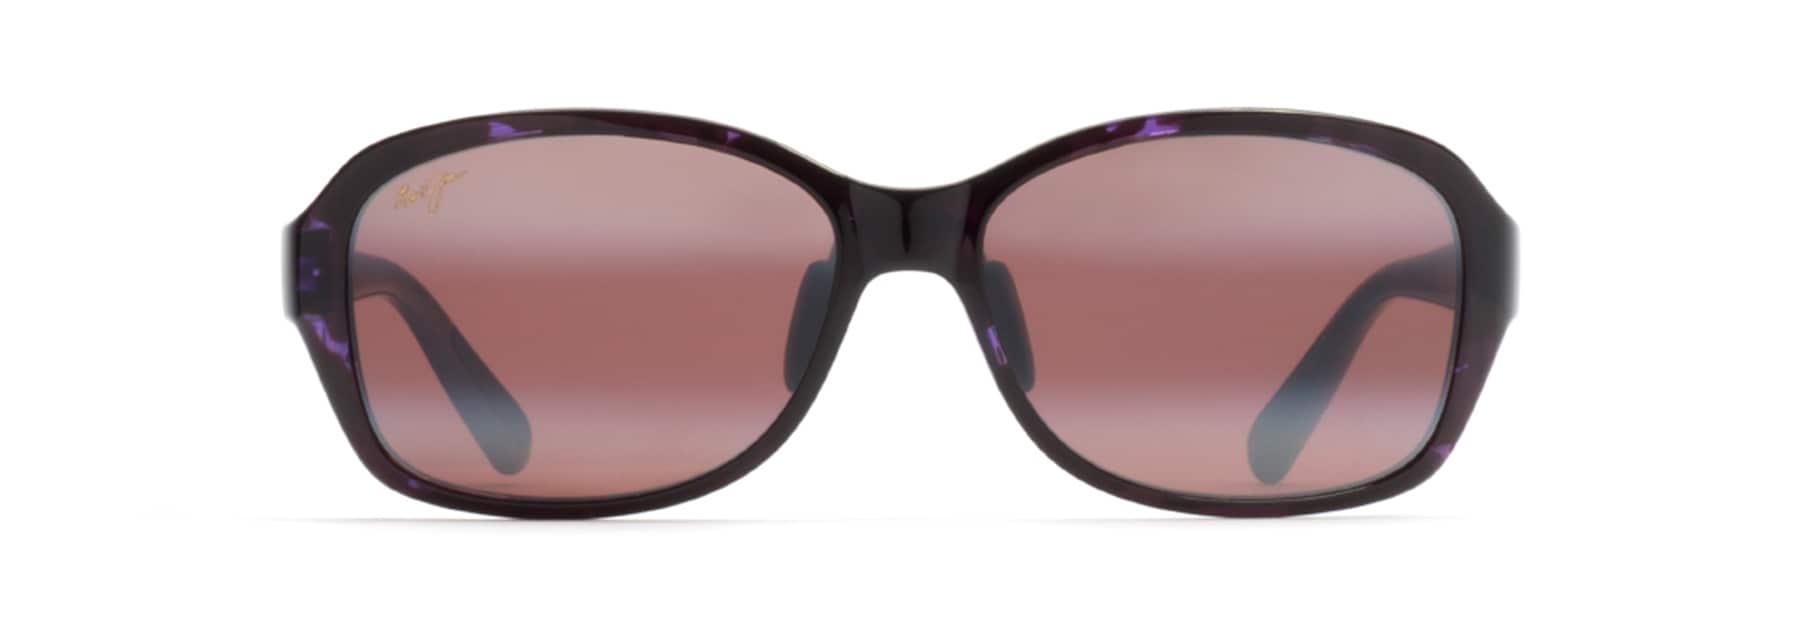 e59691baa2e4 Koki Beach Polarised Sunglasses